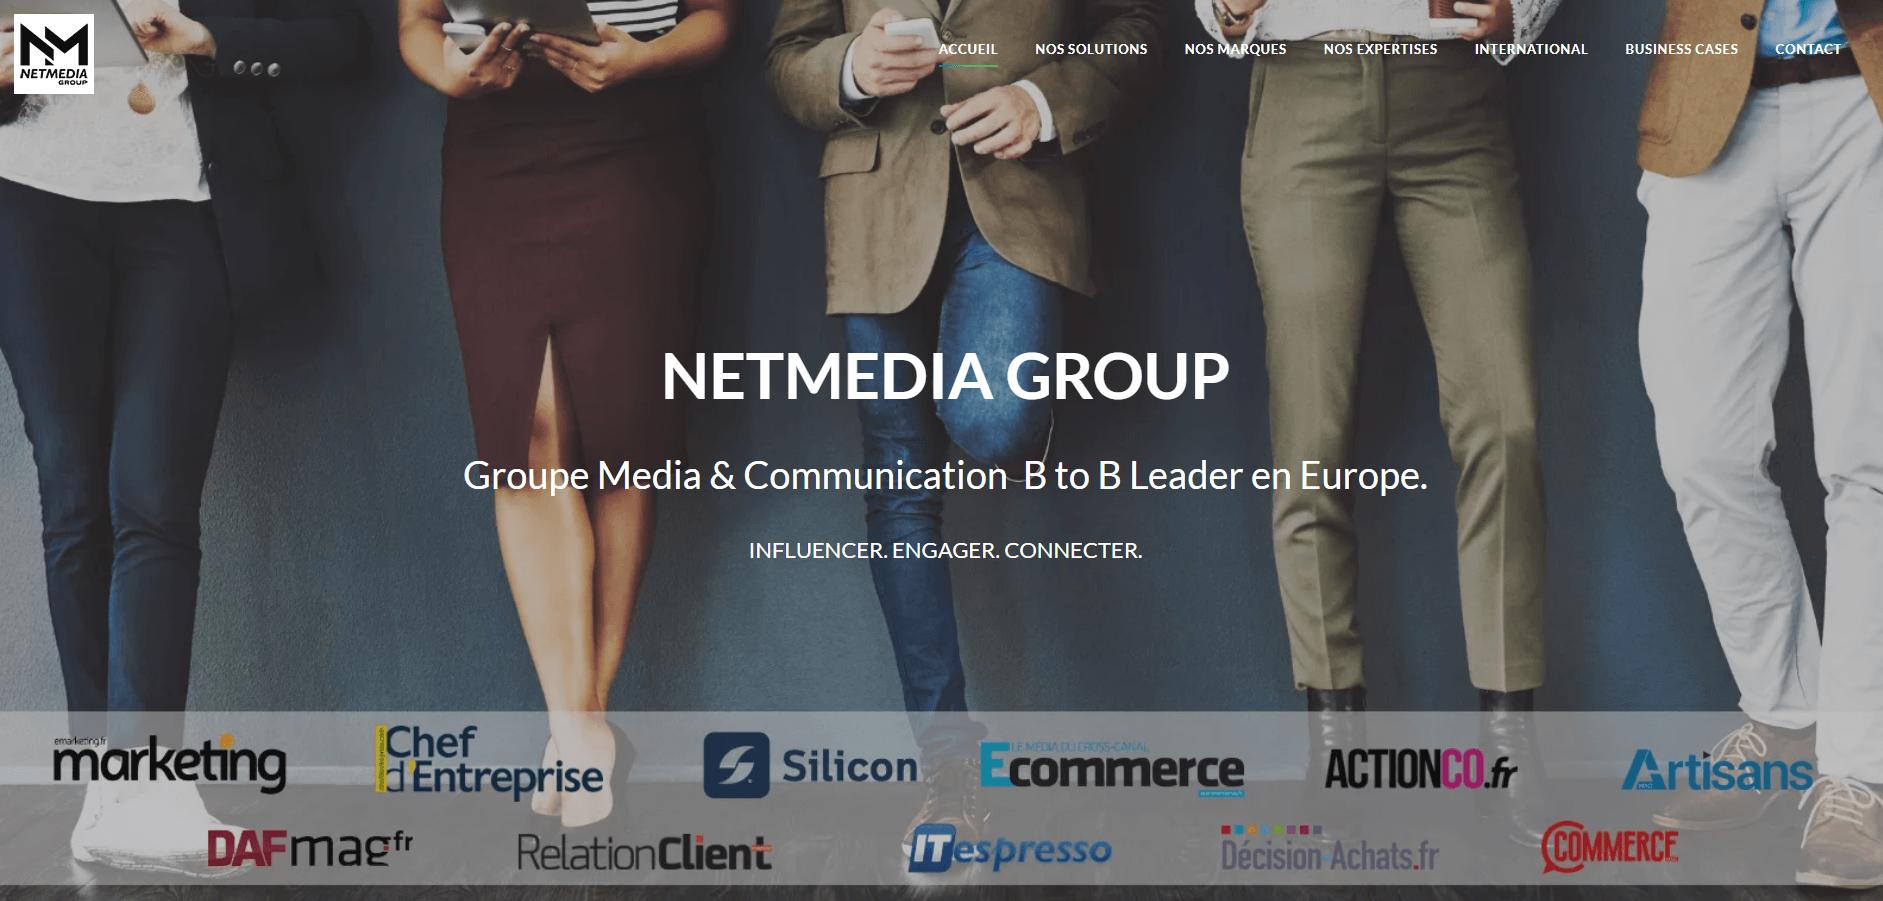 screen-netmedia-group